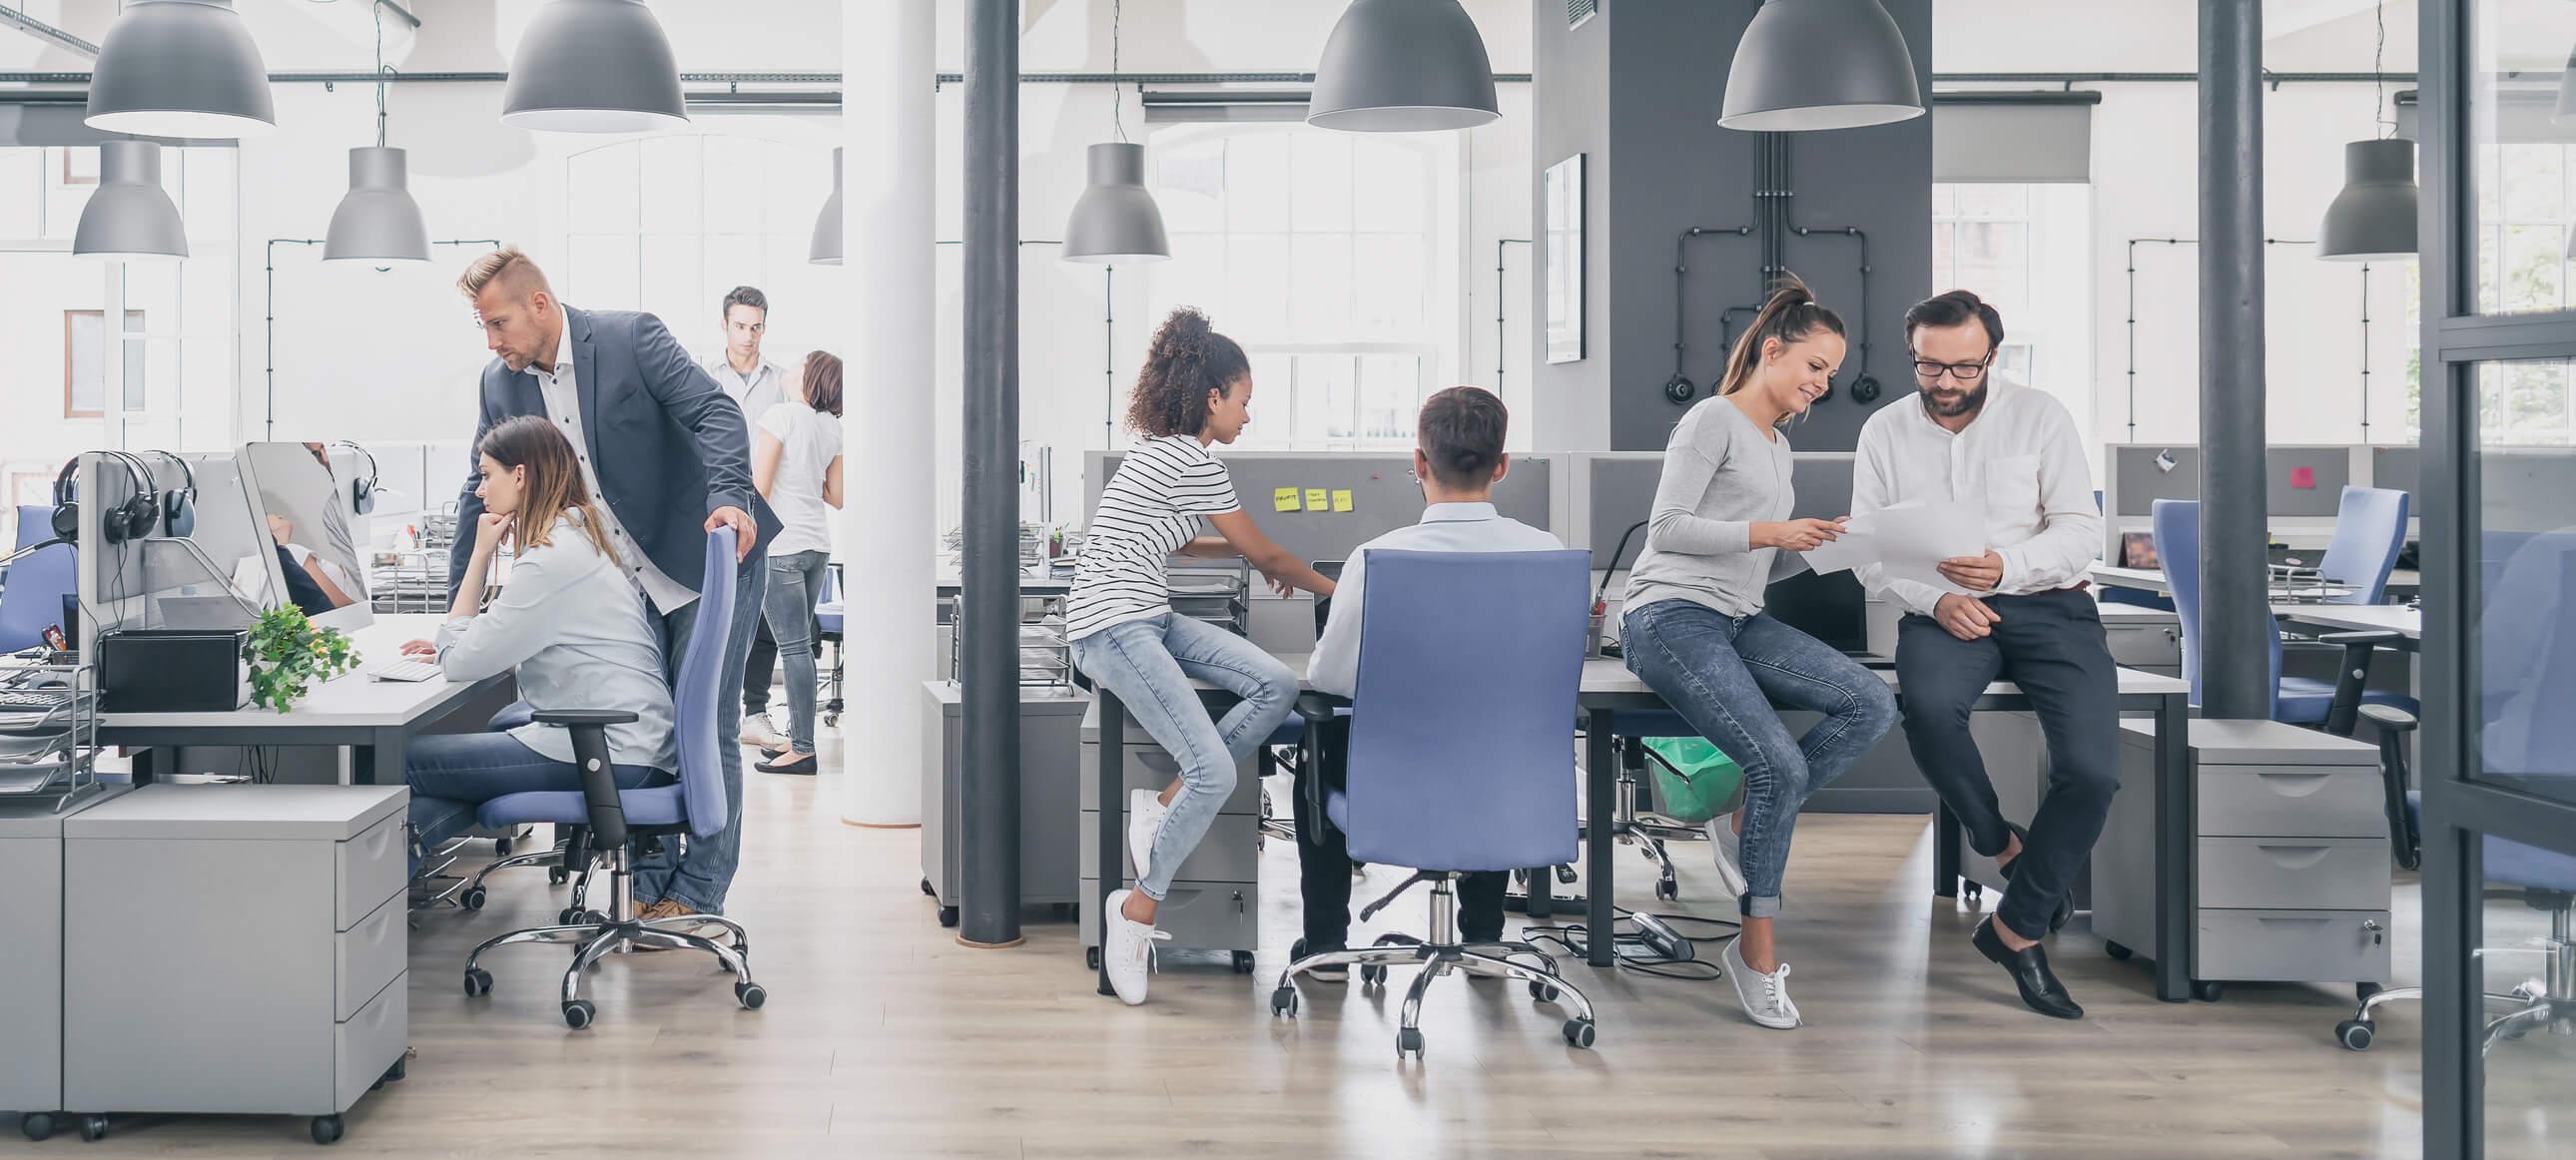 Tech Data's Customer Success Solutions